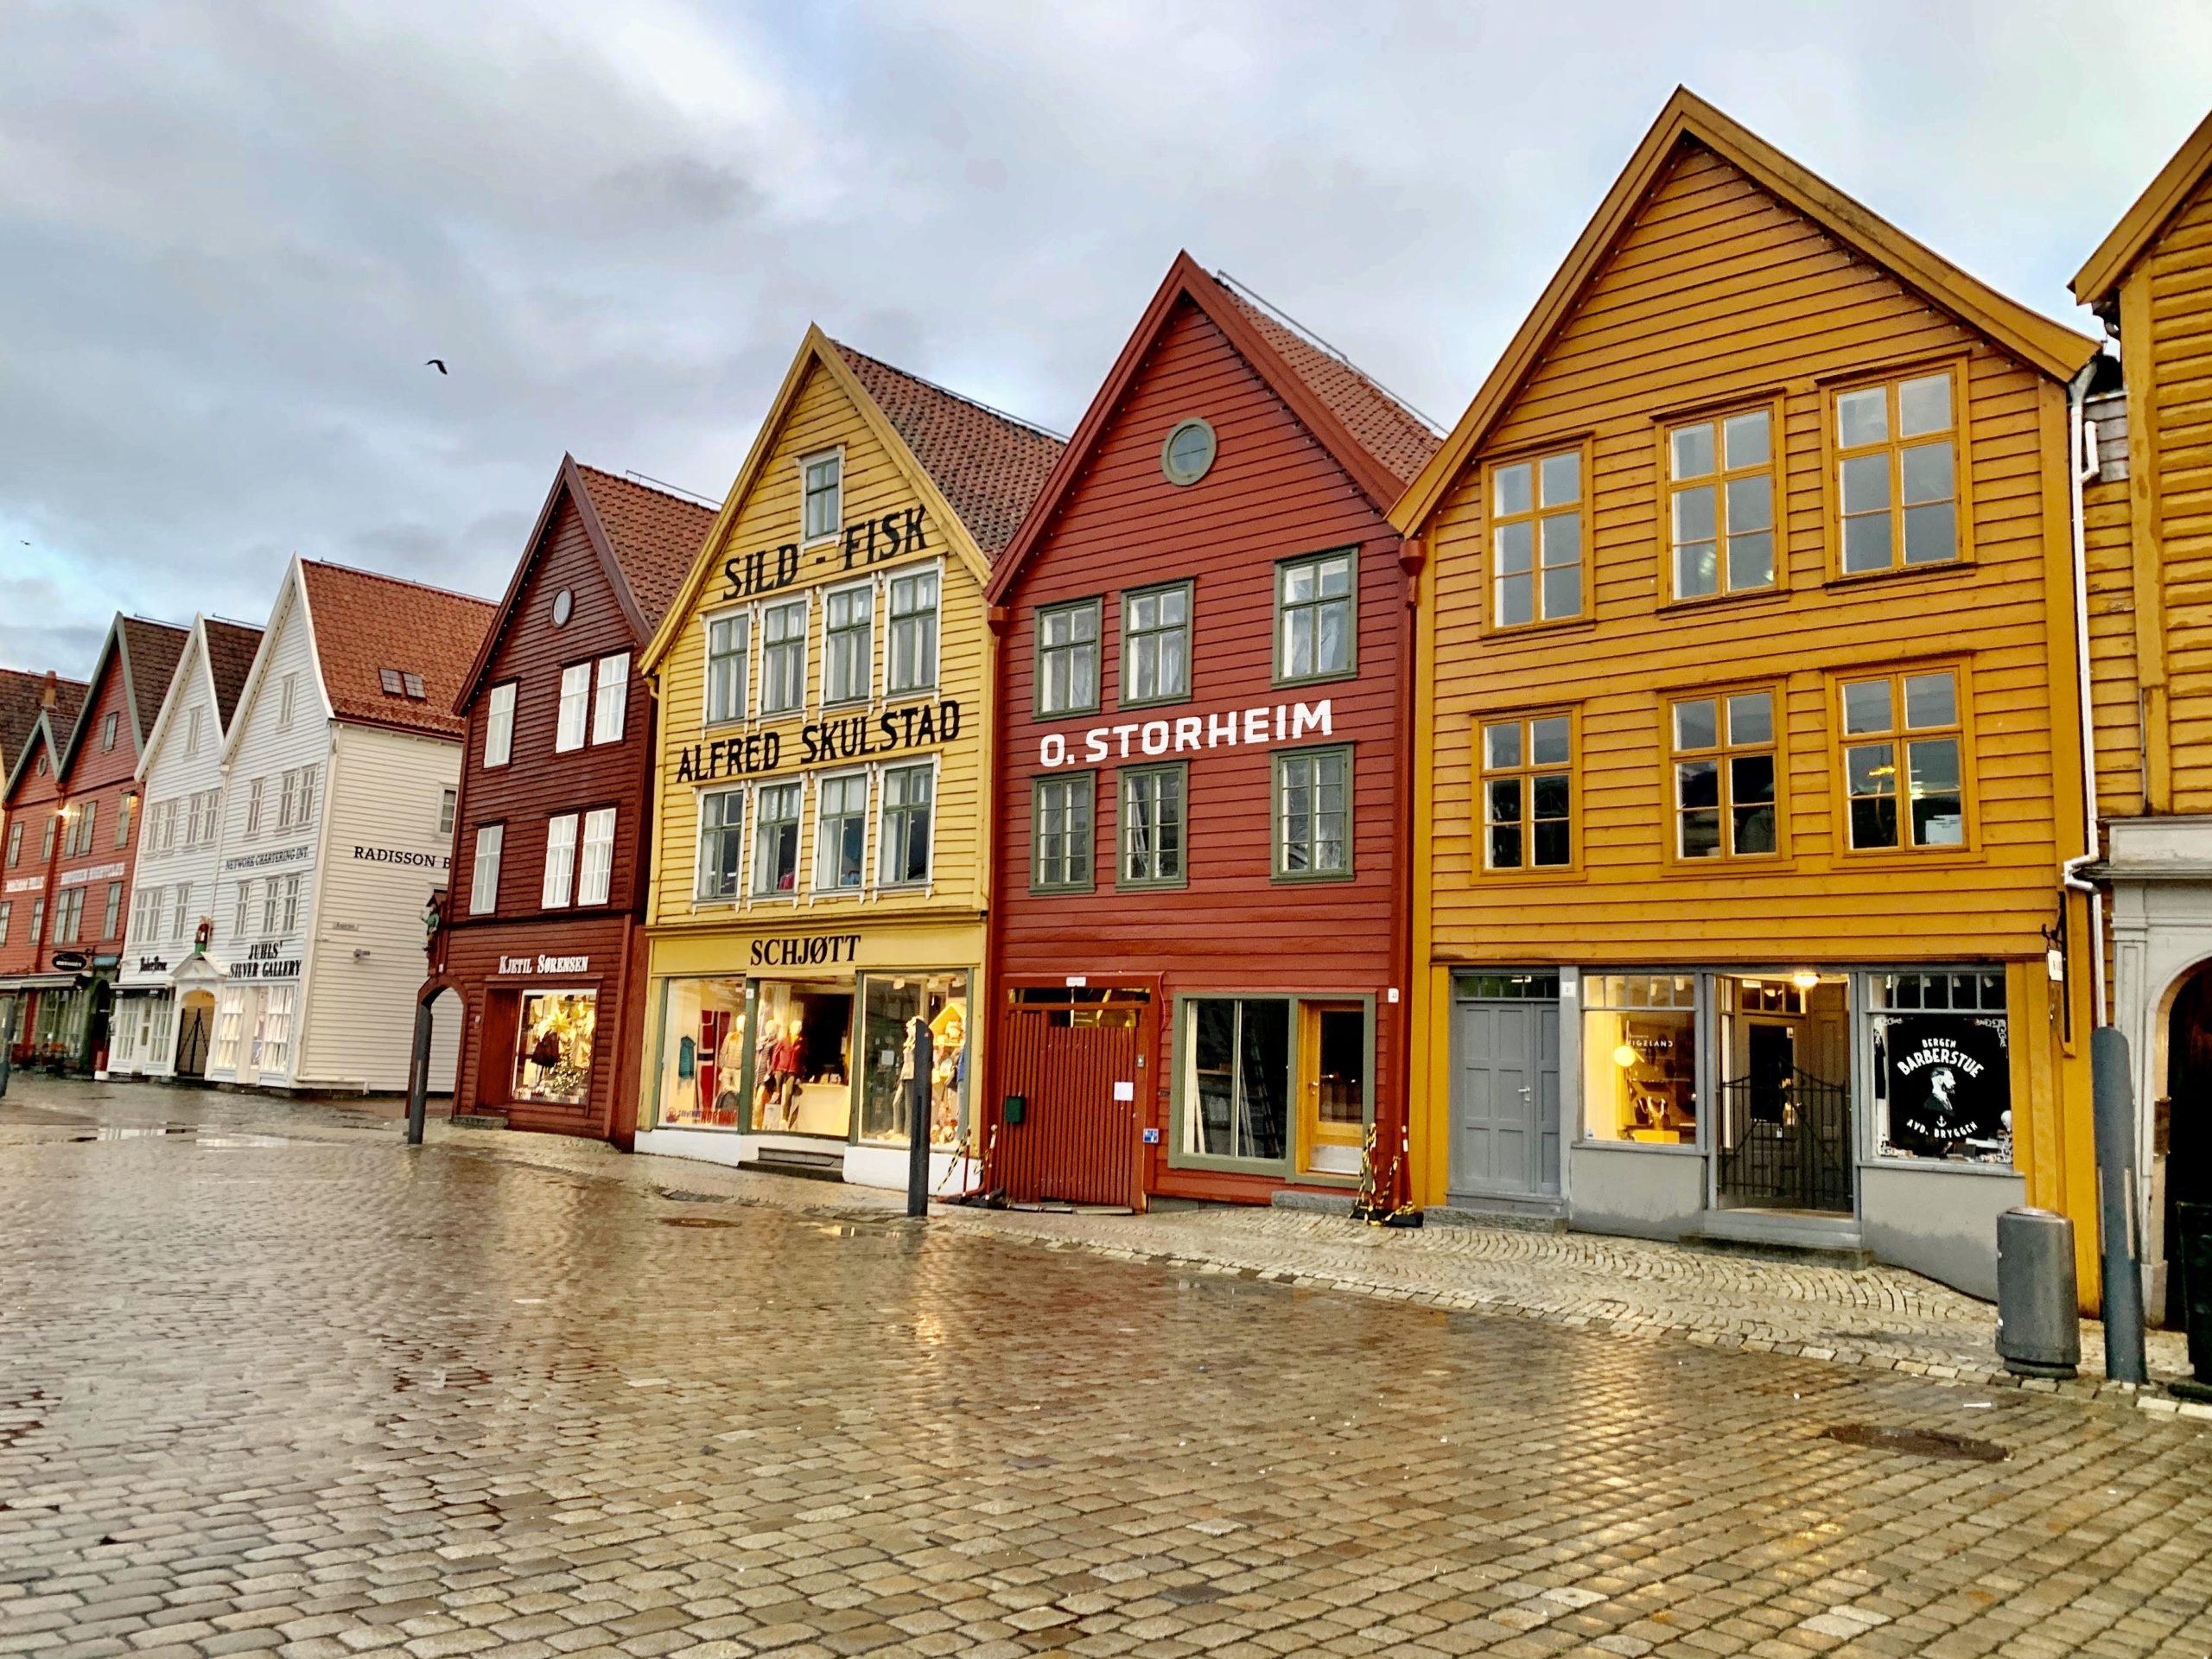 アナ雪のアレンデールの街、レトロ可愛いベルゲンへ!